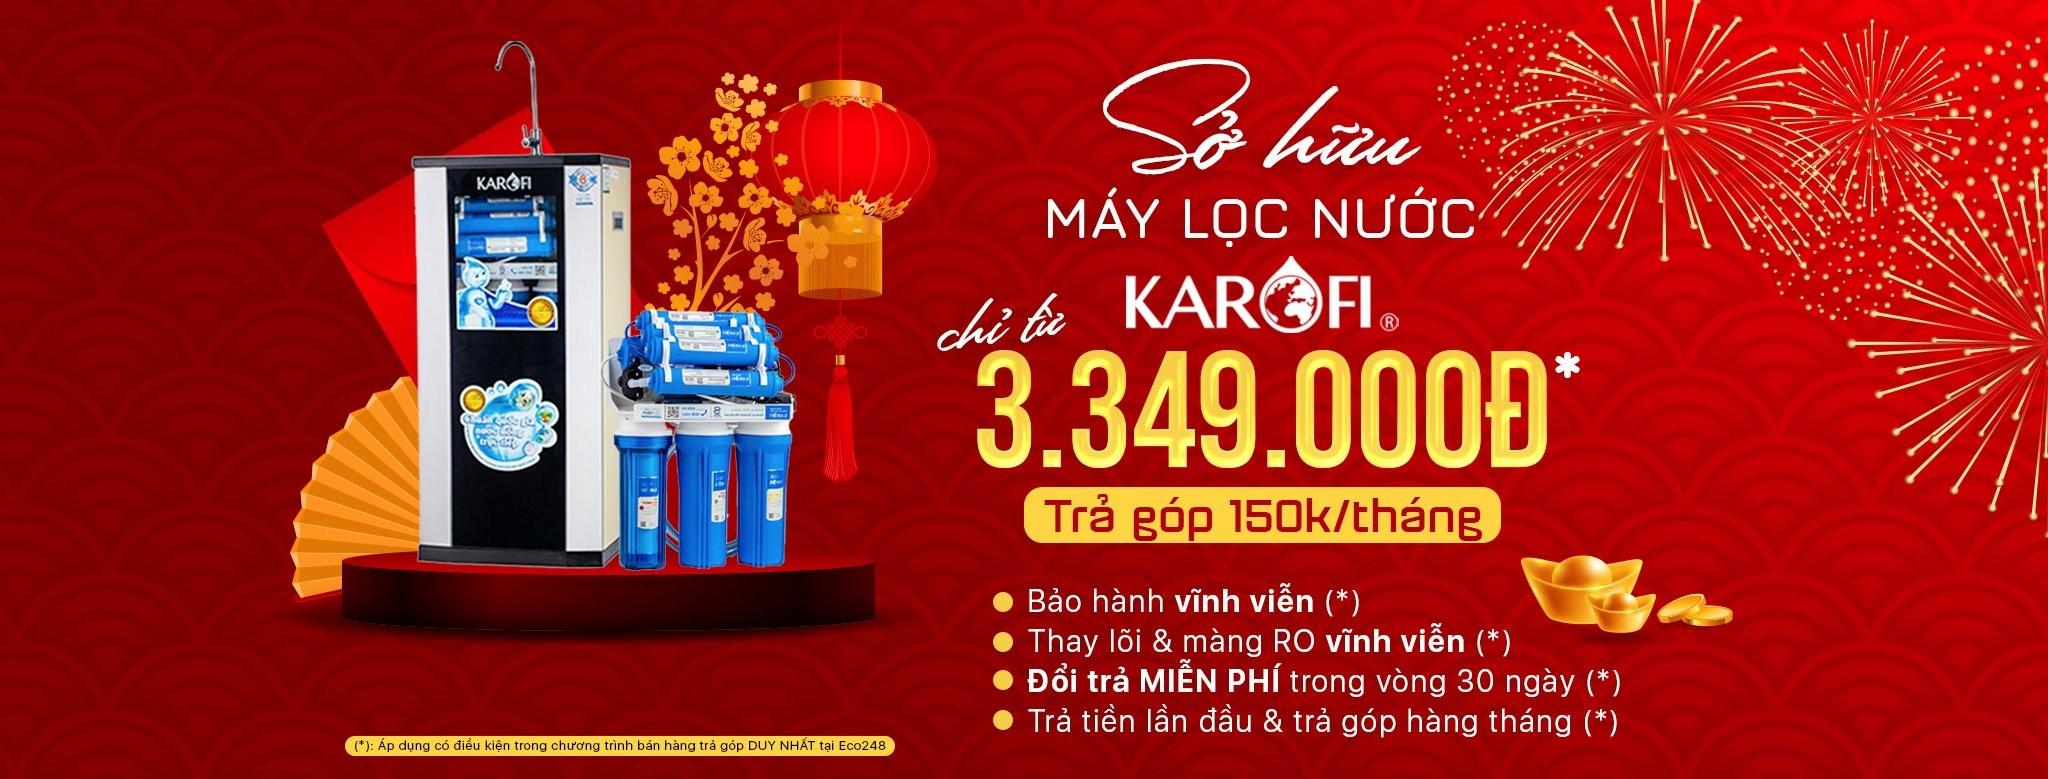 máy lọc nước chỉ từ 3.349.000